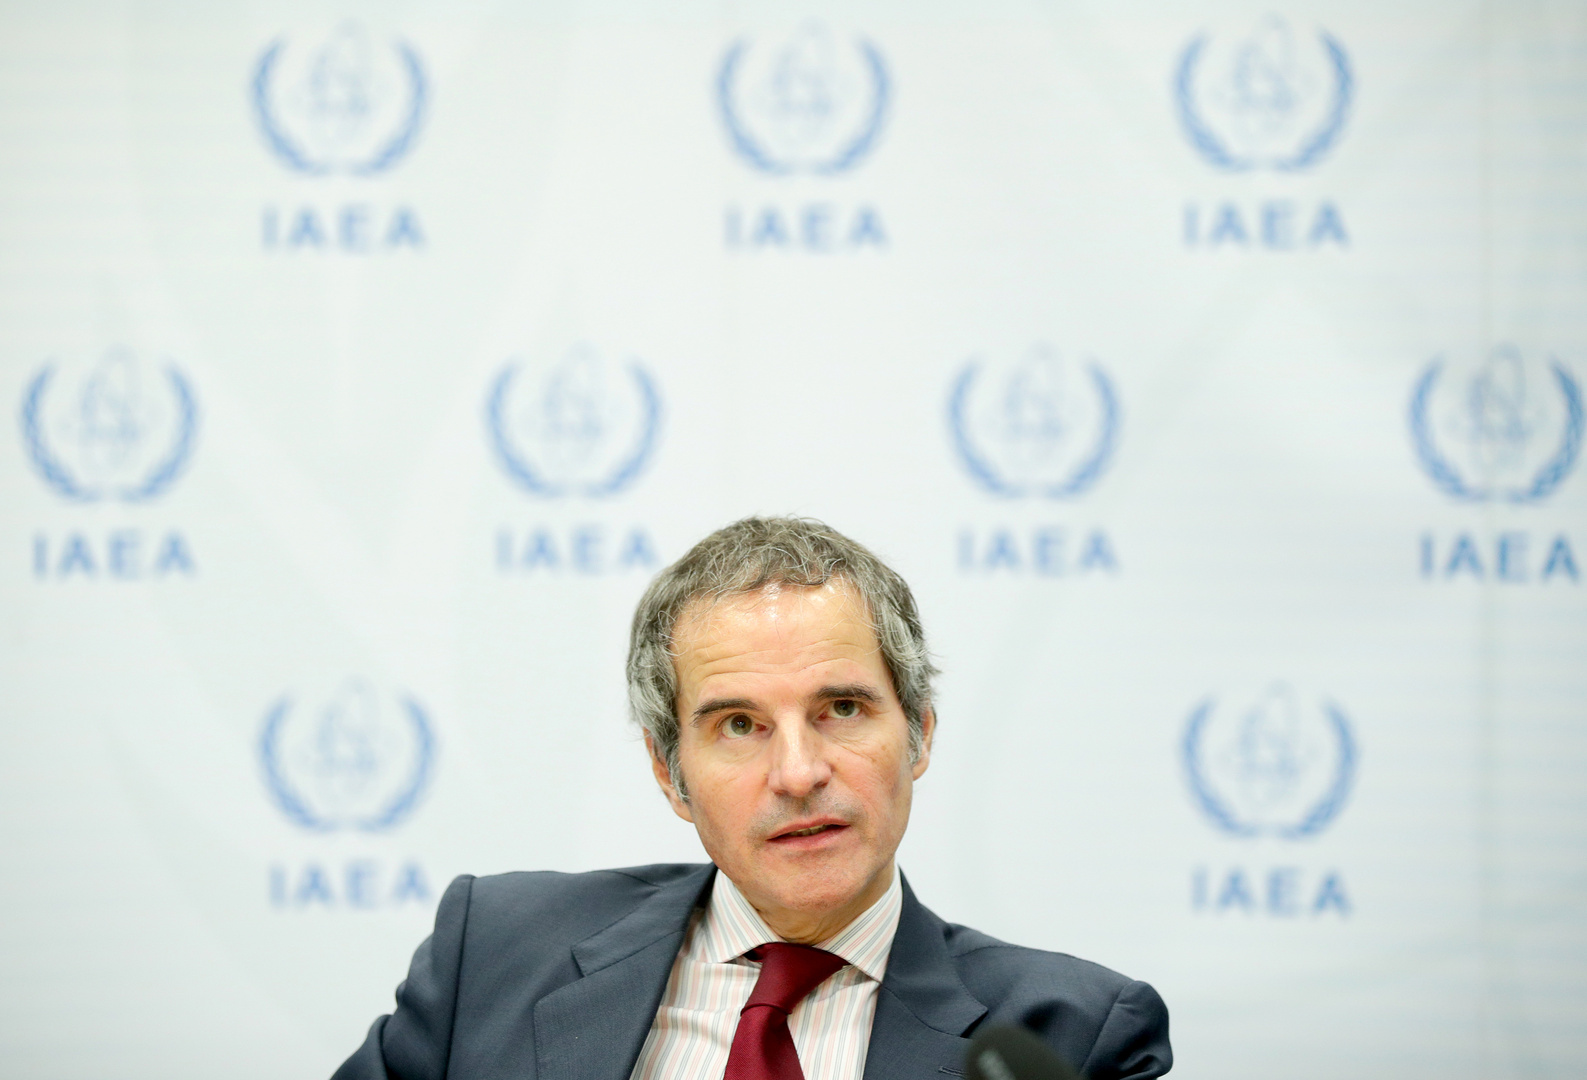 المدير العام لوكالة الطاقة الذرية رافائيل ماريانو غروسي